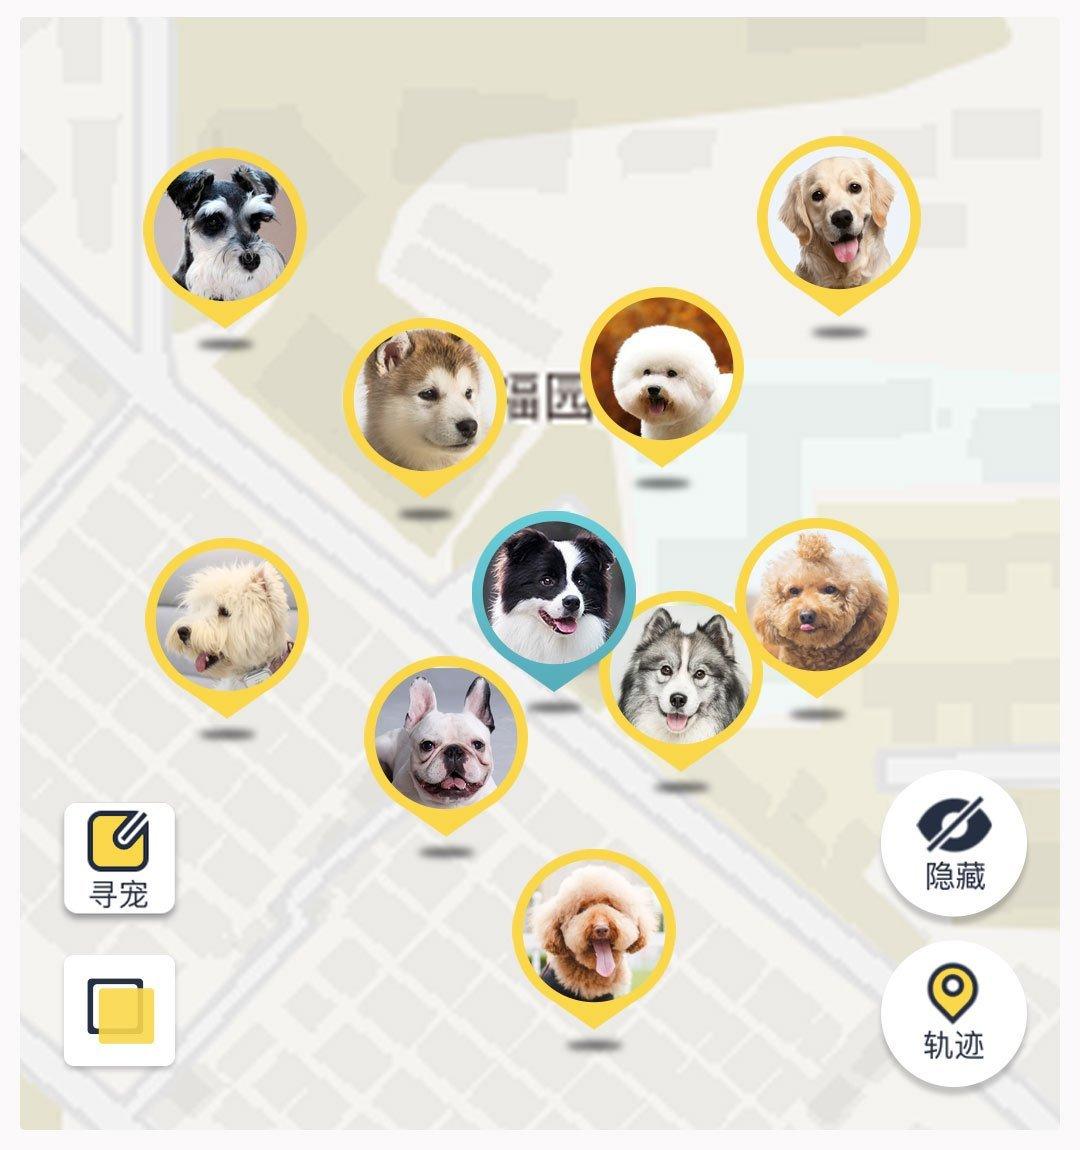 Mi Pet Tracker 11